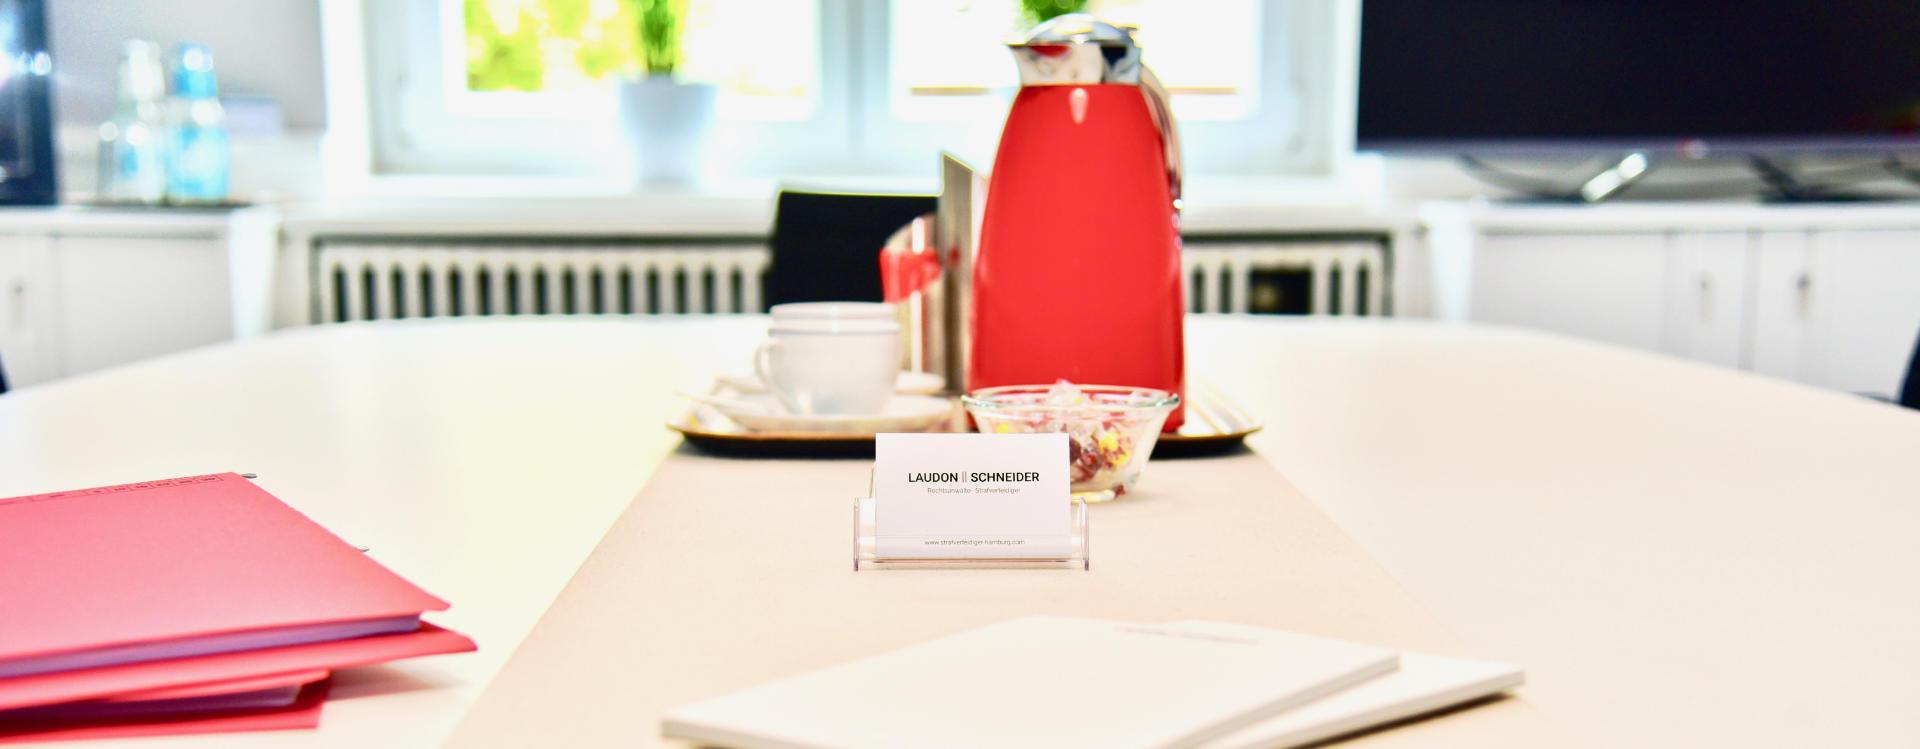 Kontakt: Kanzlei für Strafrecht und Wirtschaftsstrafrecht Berlin